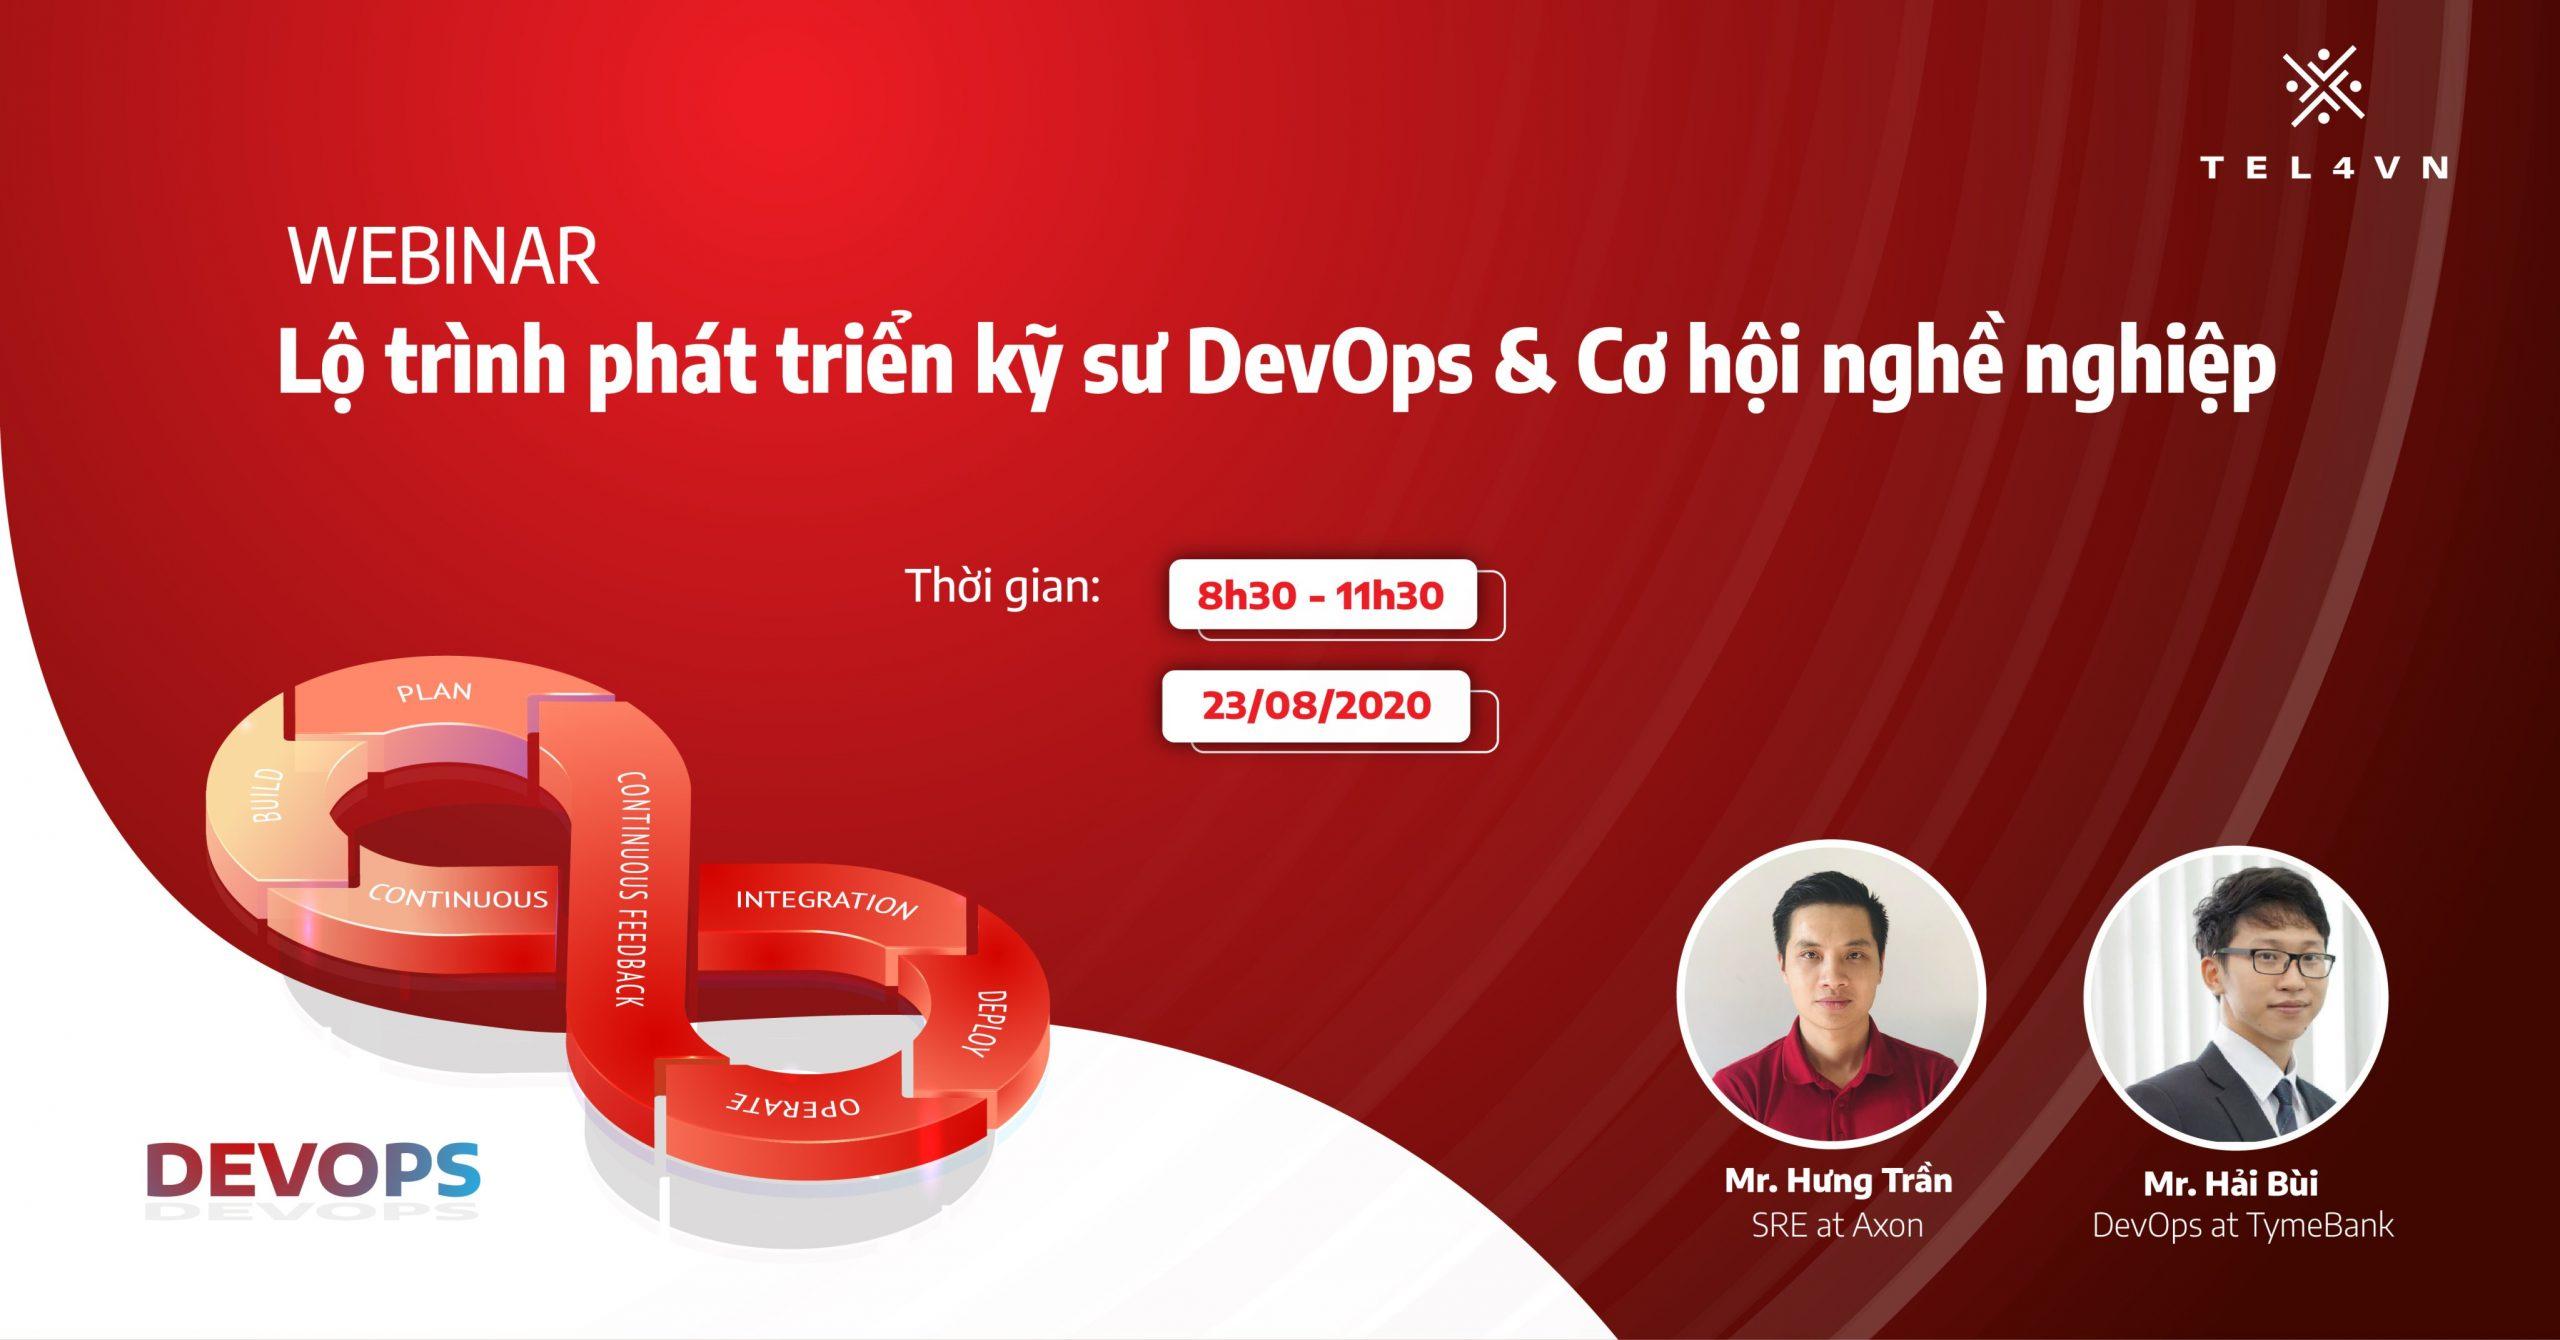 Lộ trình phát triển kỹ sư DevOps và Cơ hội nghề nghiệp